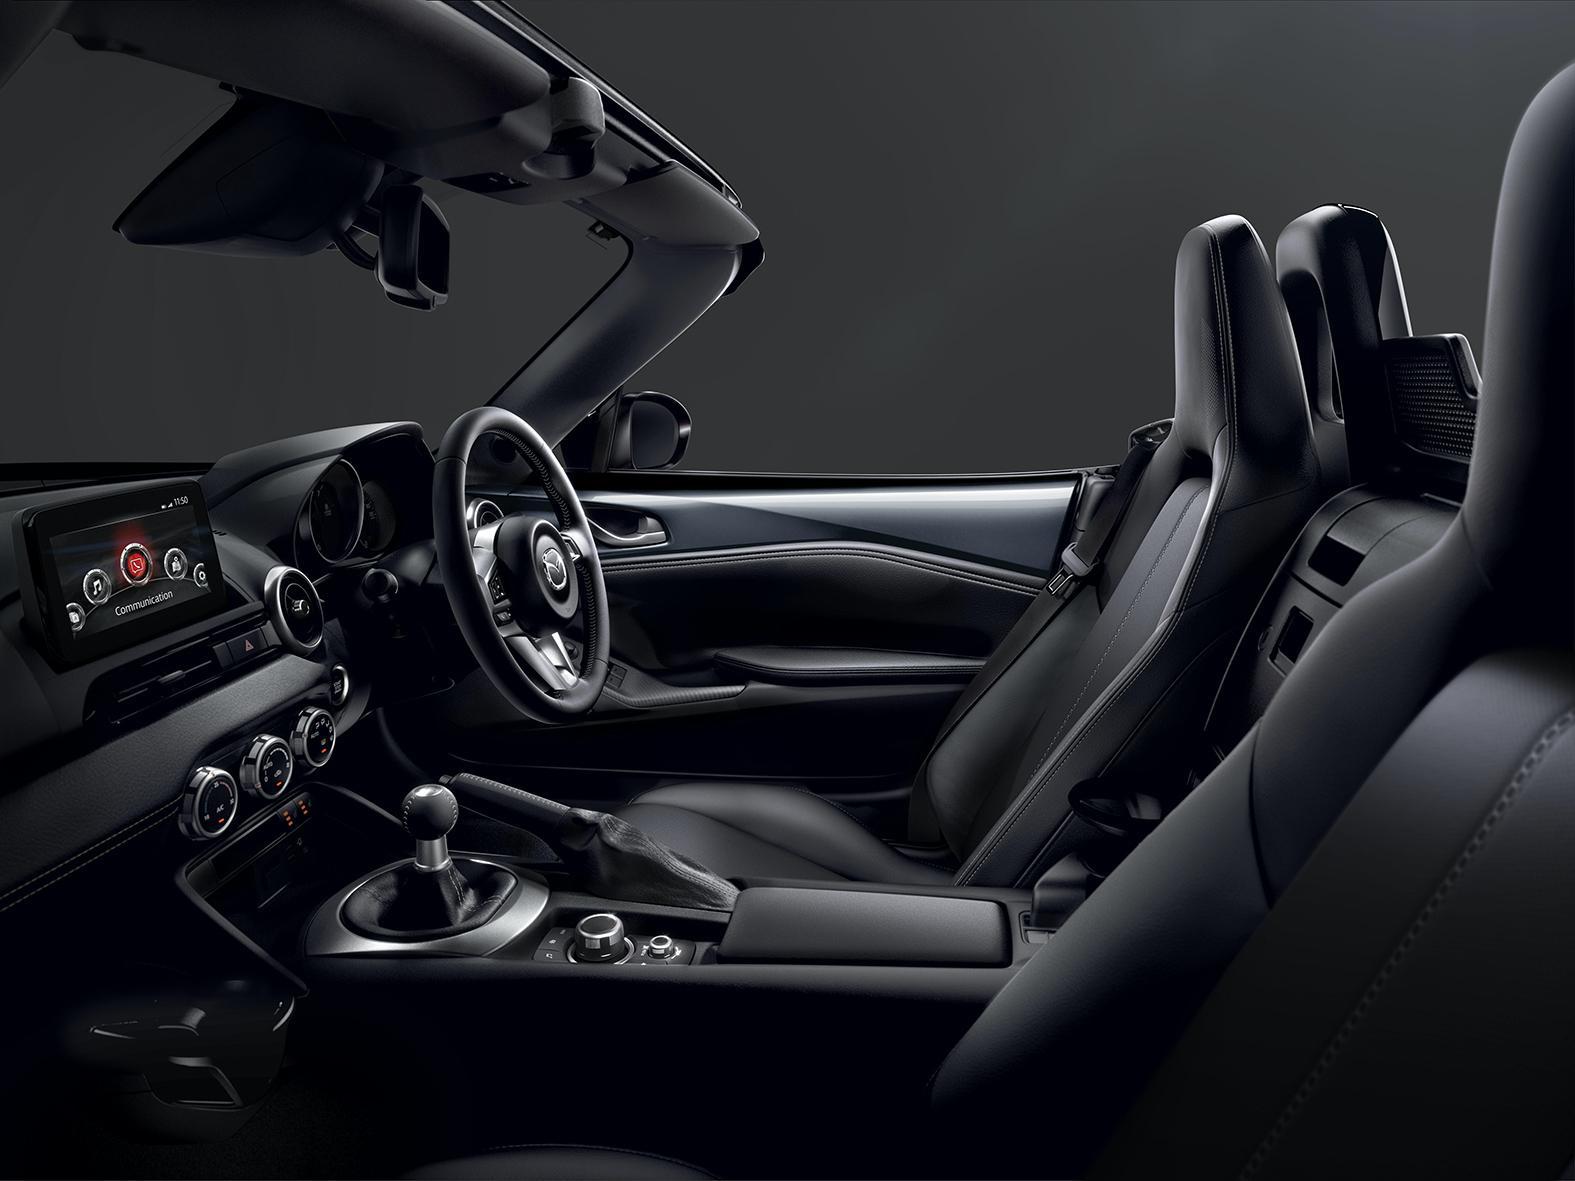 Mazda MX-5 bản nâng cấp 2020 - 1